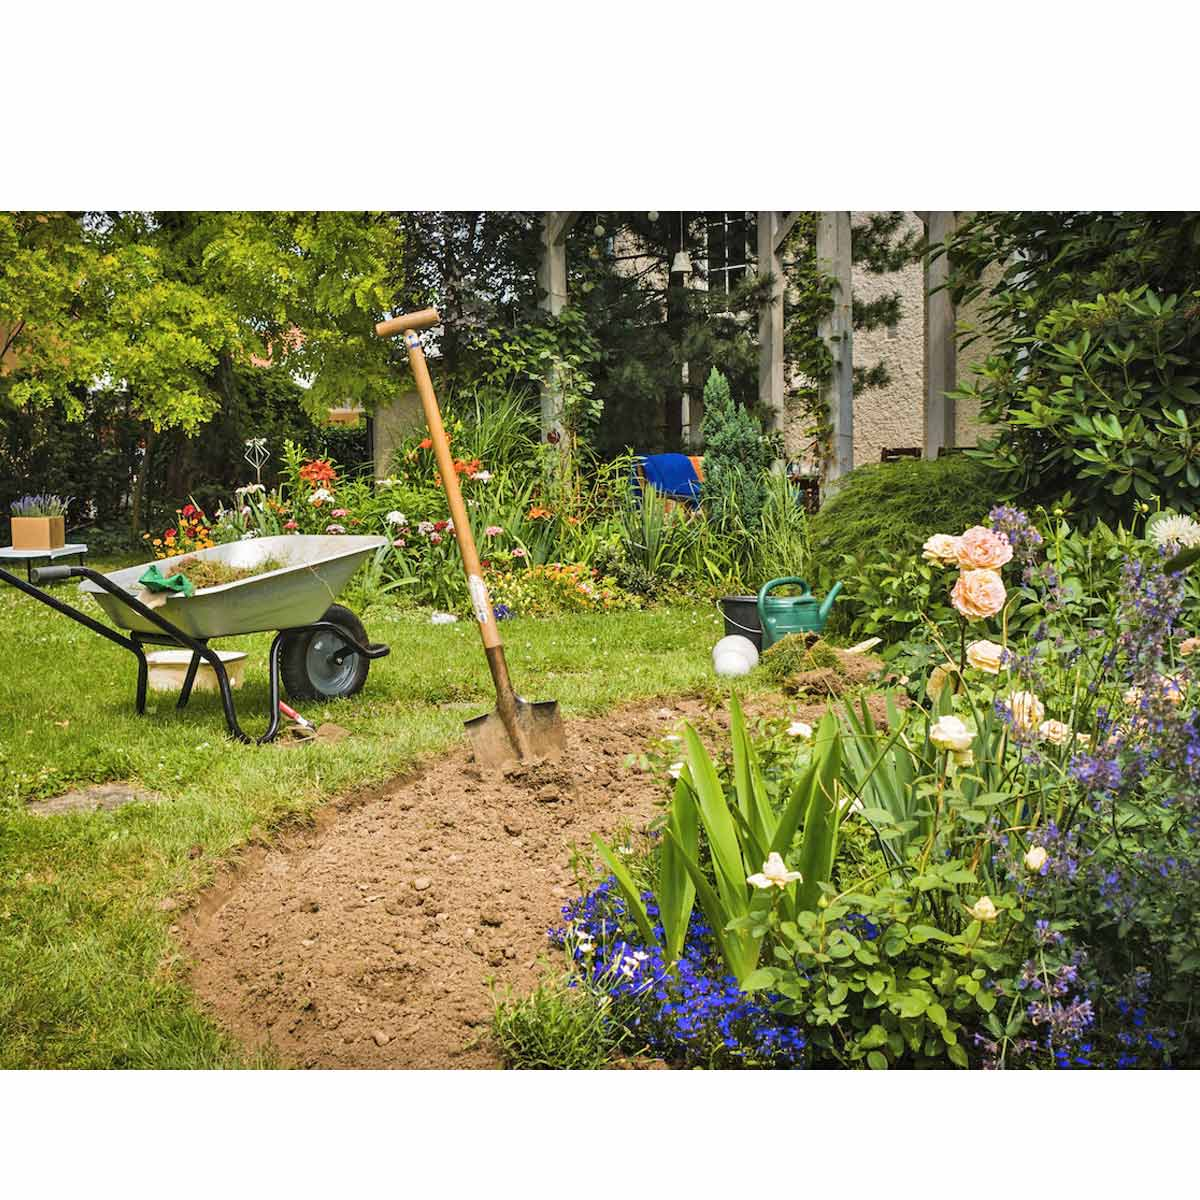 Outils de Jardin, vente au meilleur prix | jardins-animes.com